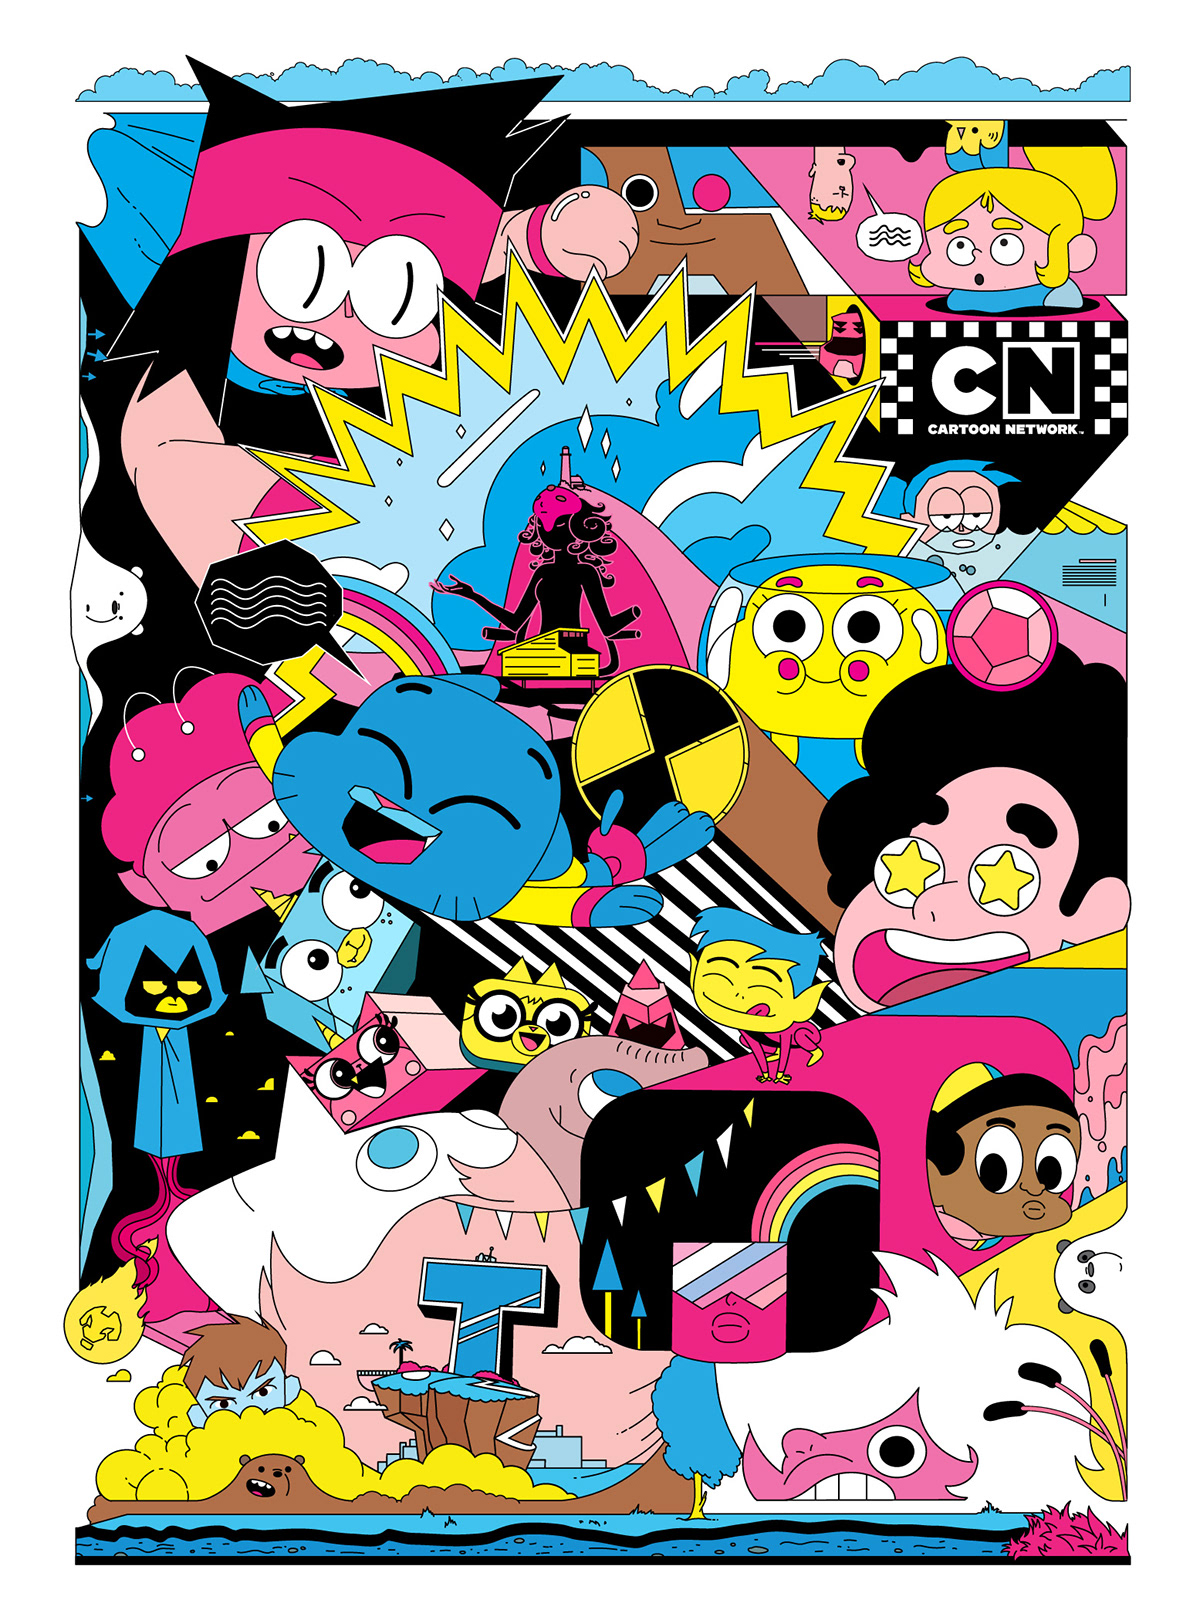 cartoon network official 2018